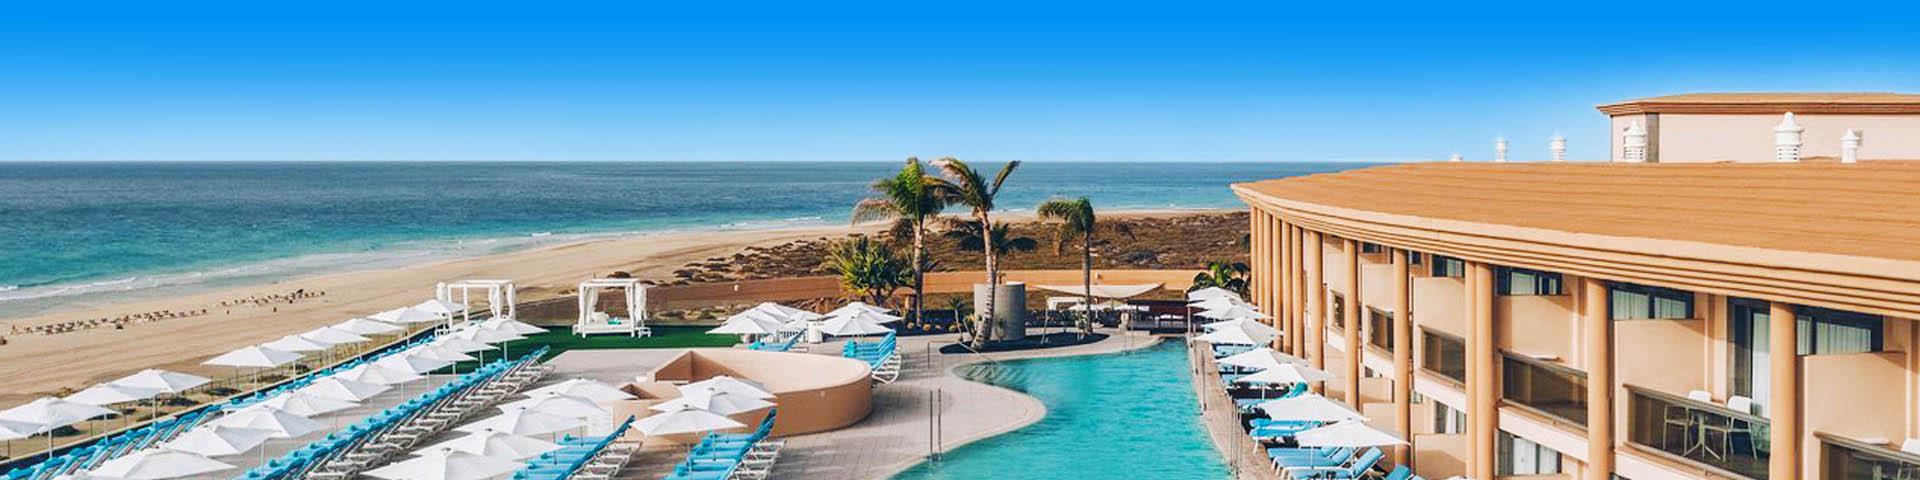 Uitzicht op de zee en het zwembad bij een Iberostar hotel